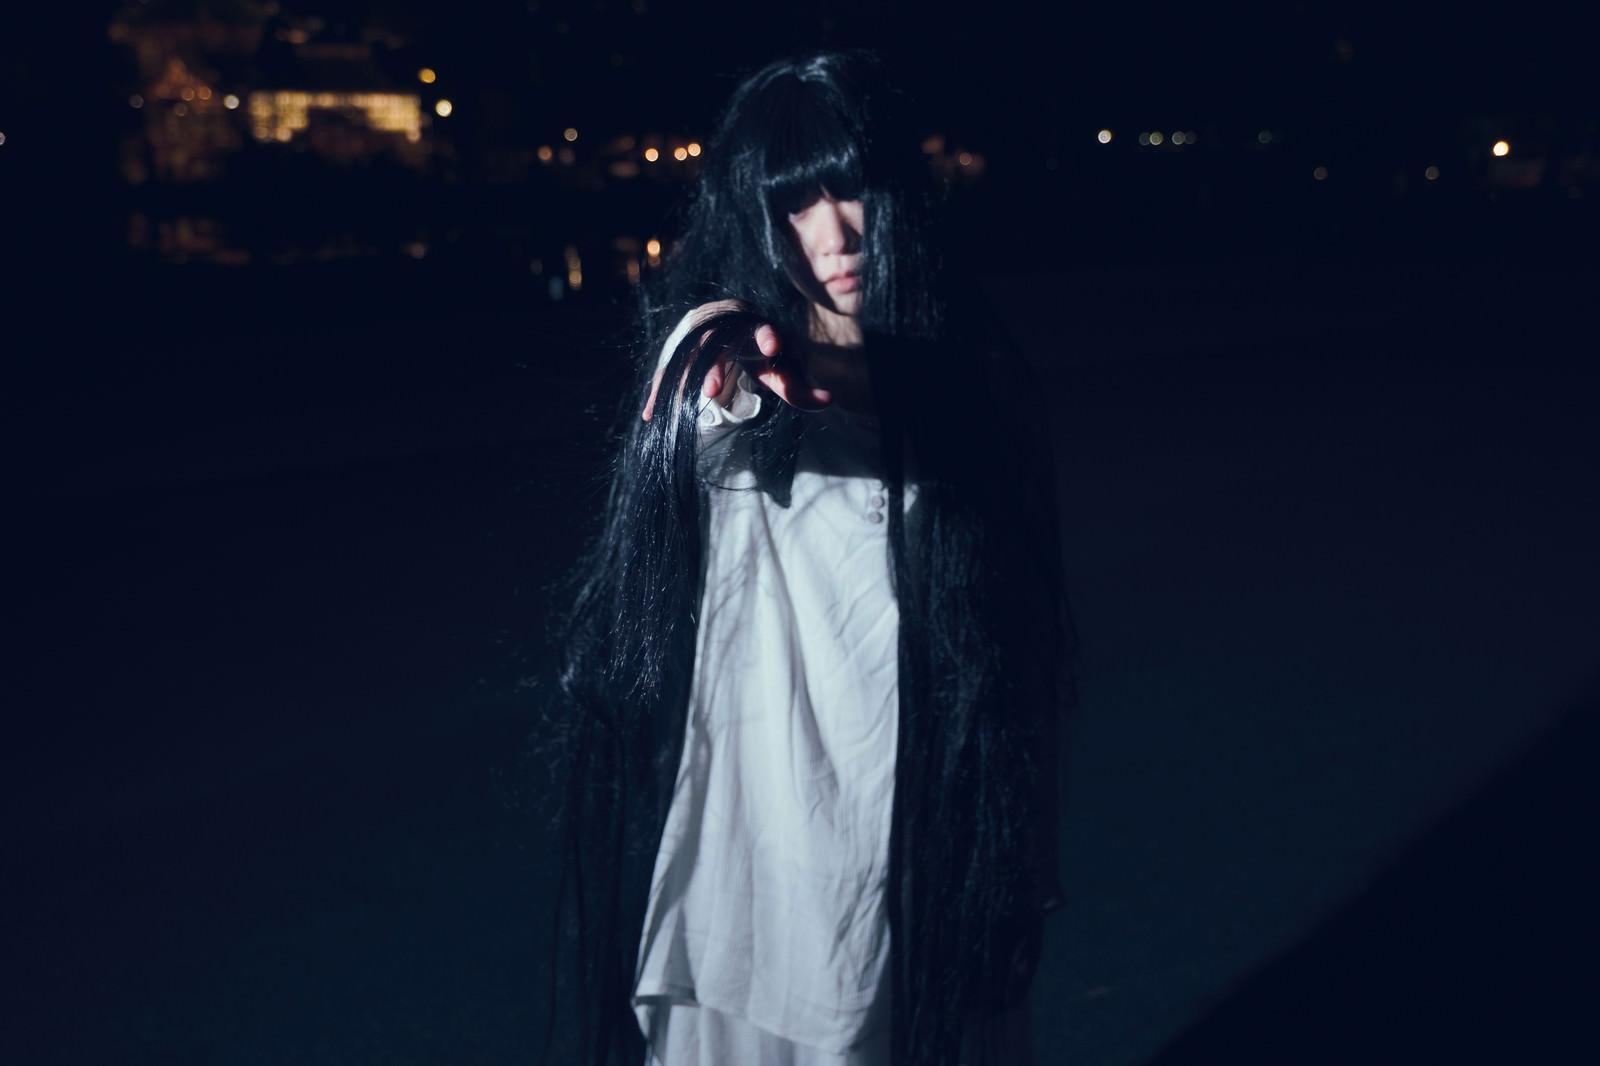 「暗闇から誘う女性」の写真[モデル:緋真煉]